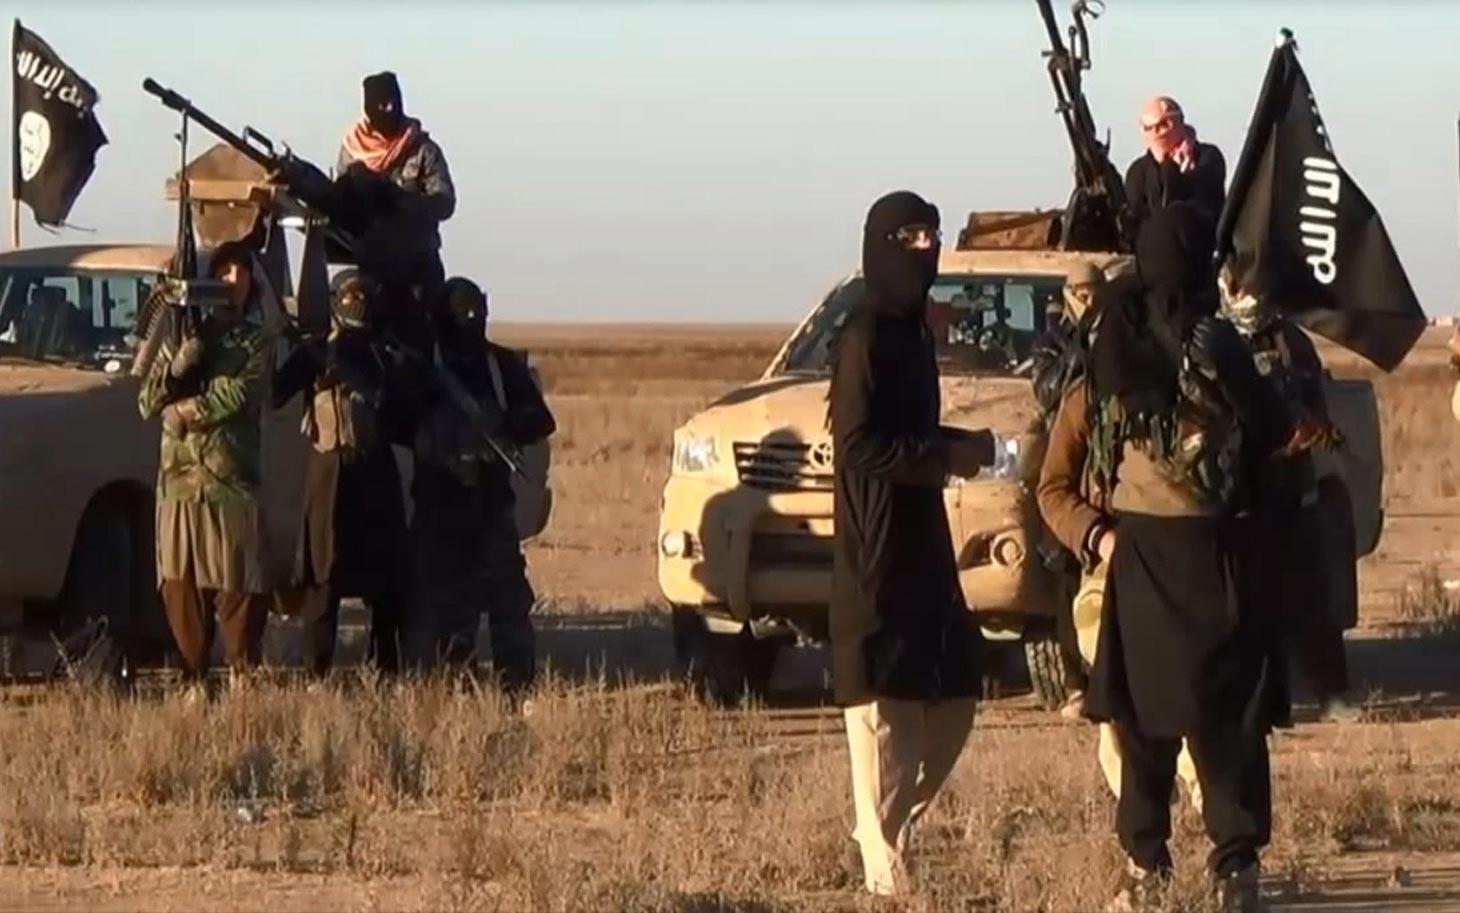 IŞİD Diyala'da polis merkezine saldırdı